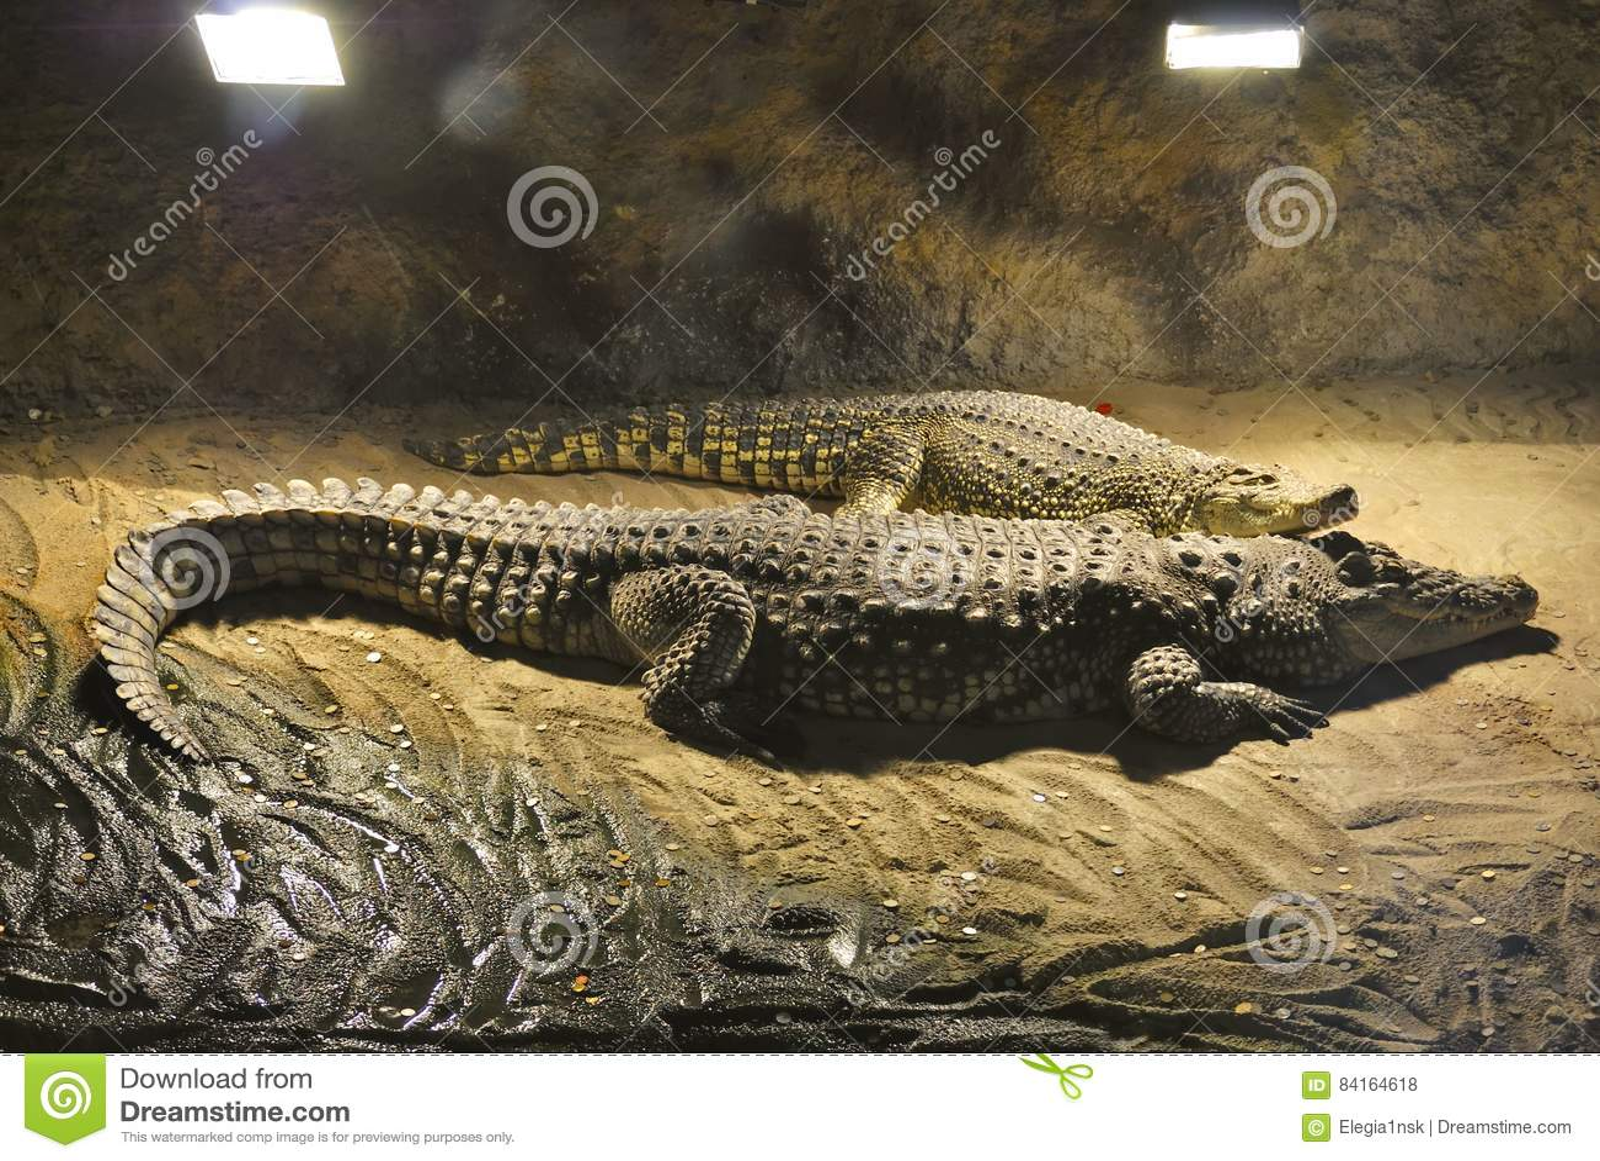 Coccodrilli di Nilo, o crocodylus niloticus